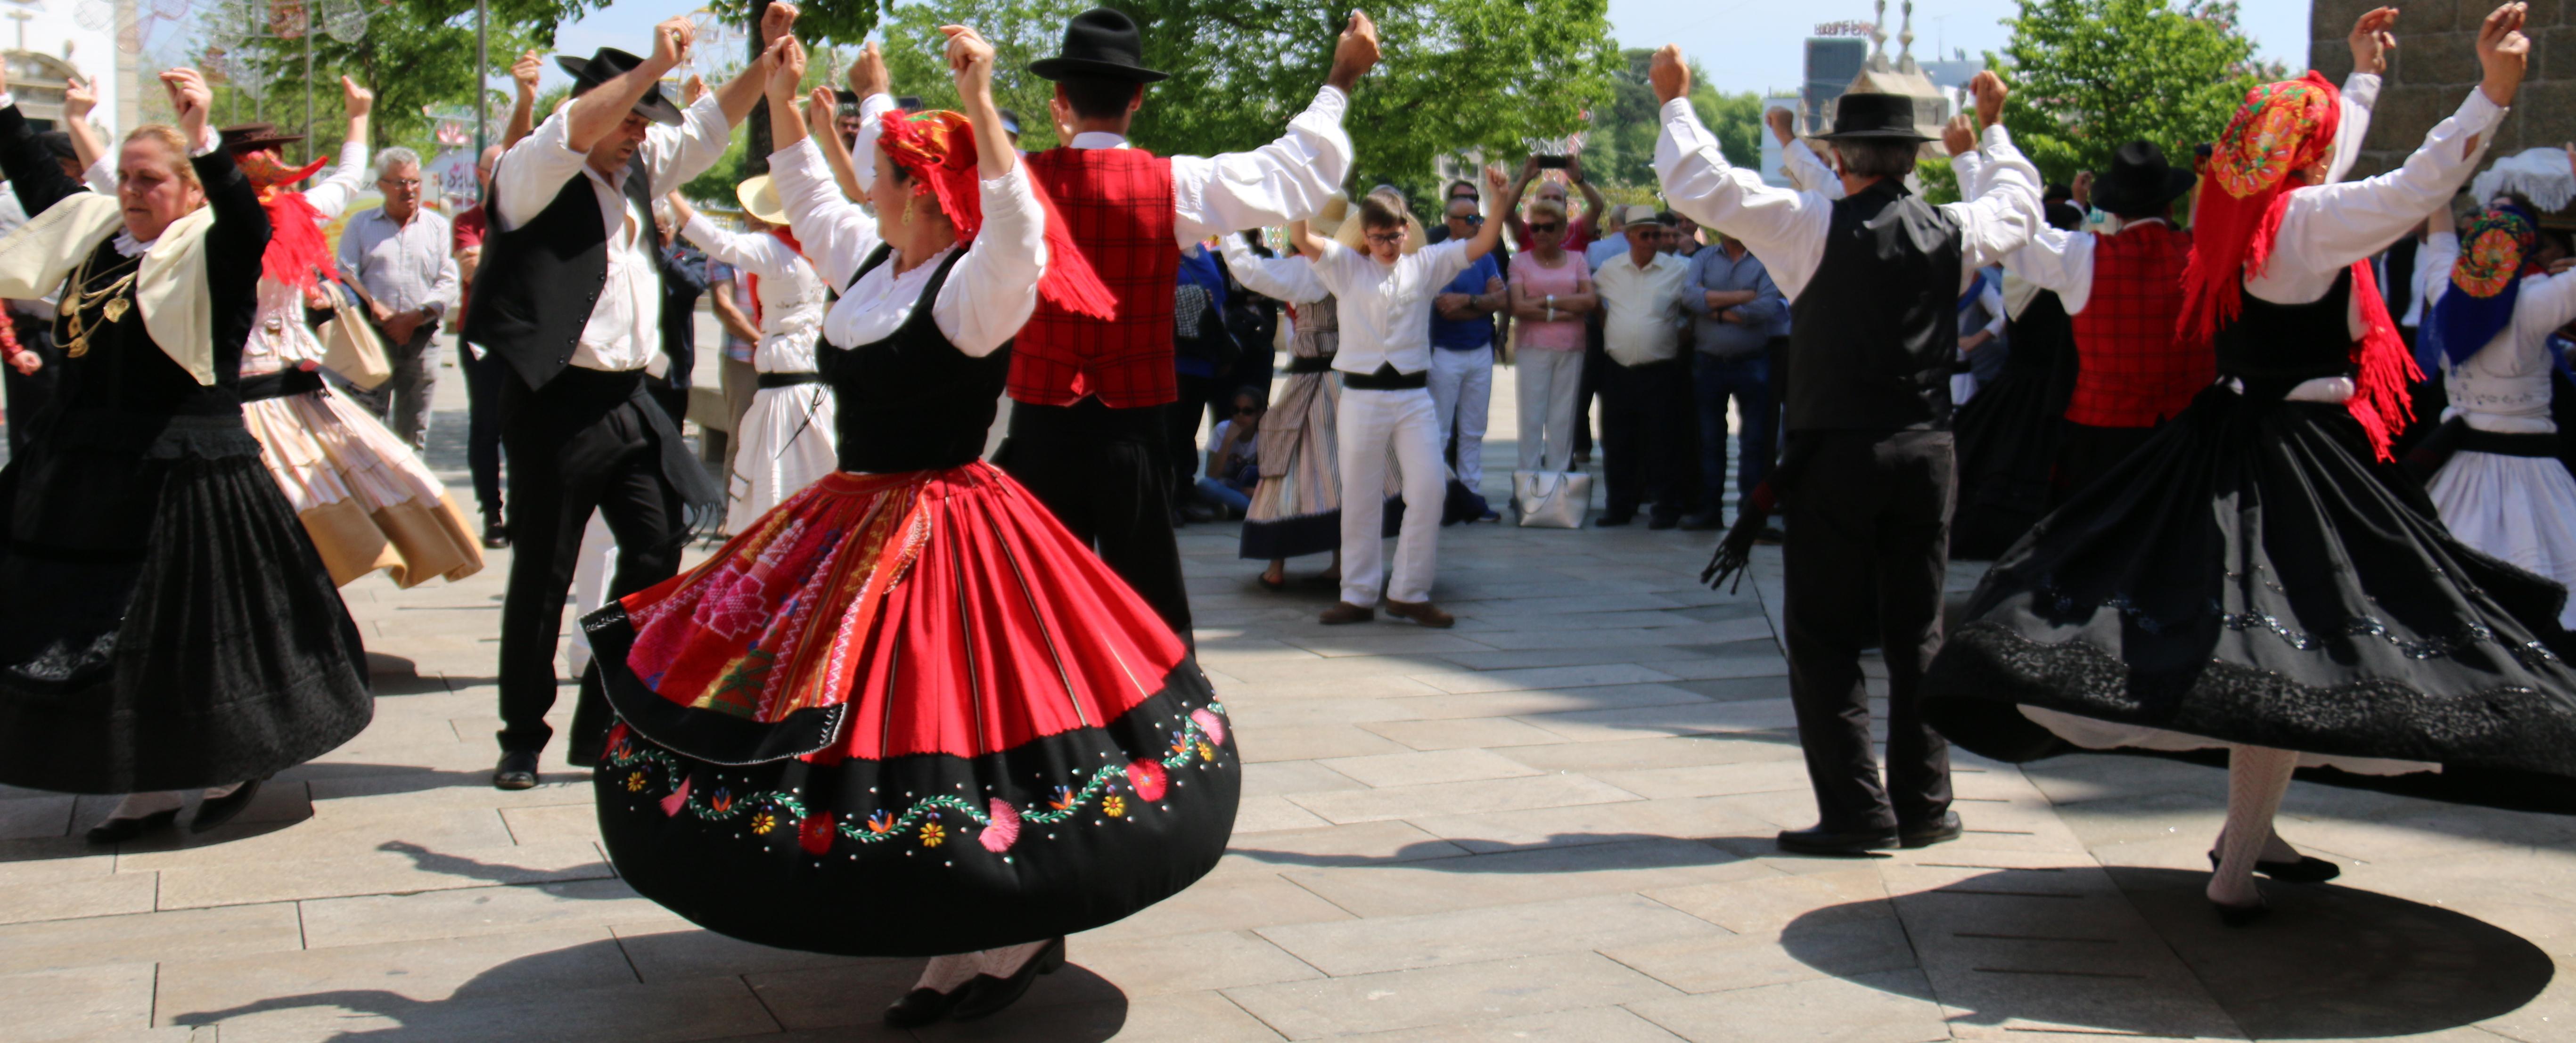 Câmara Municipal aprova apoios a grupos folclóricos e freguesias